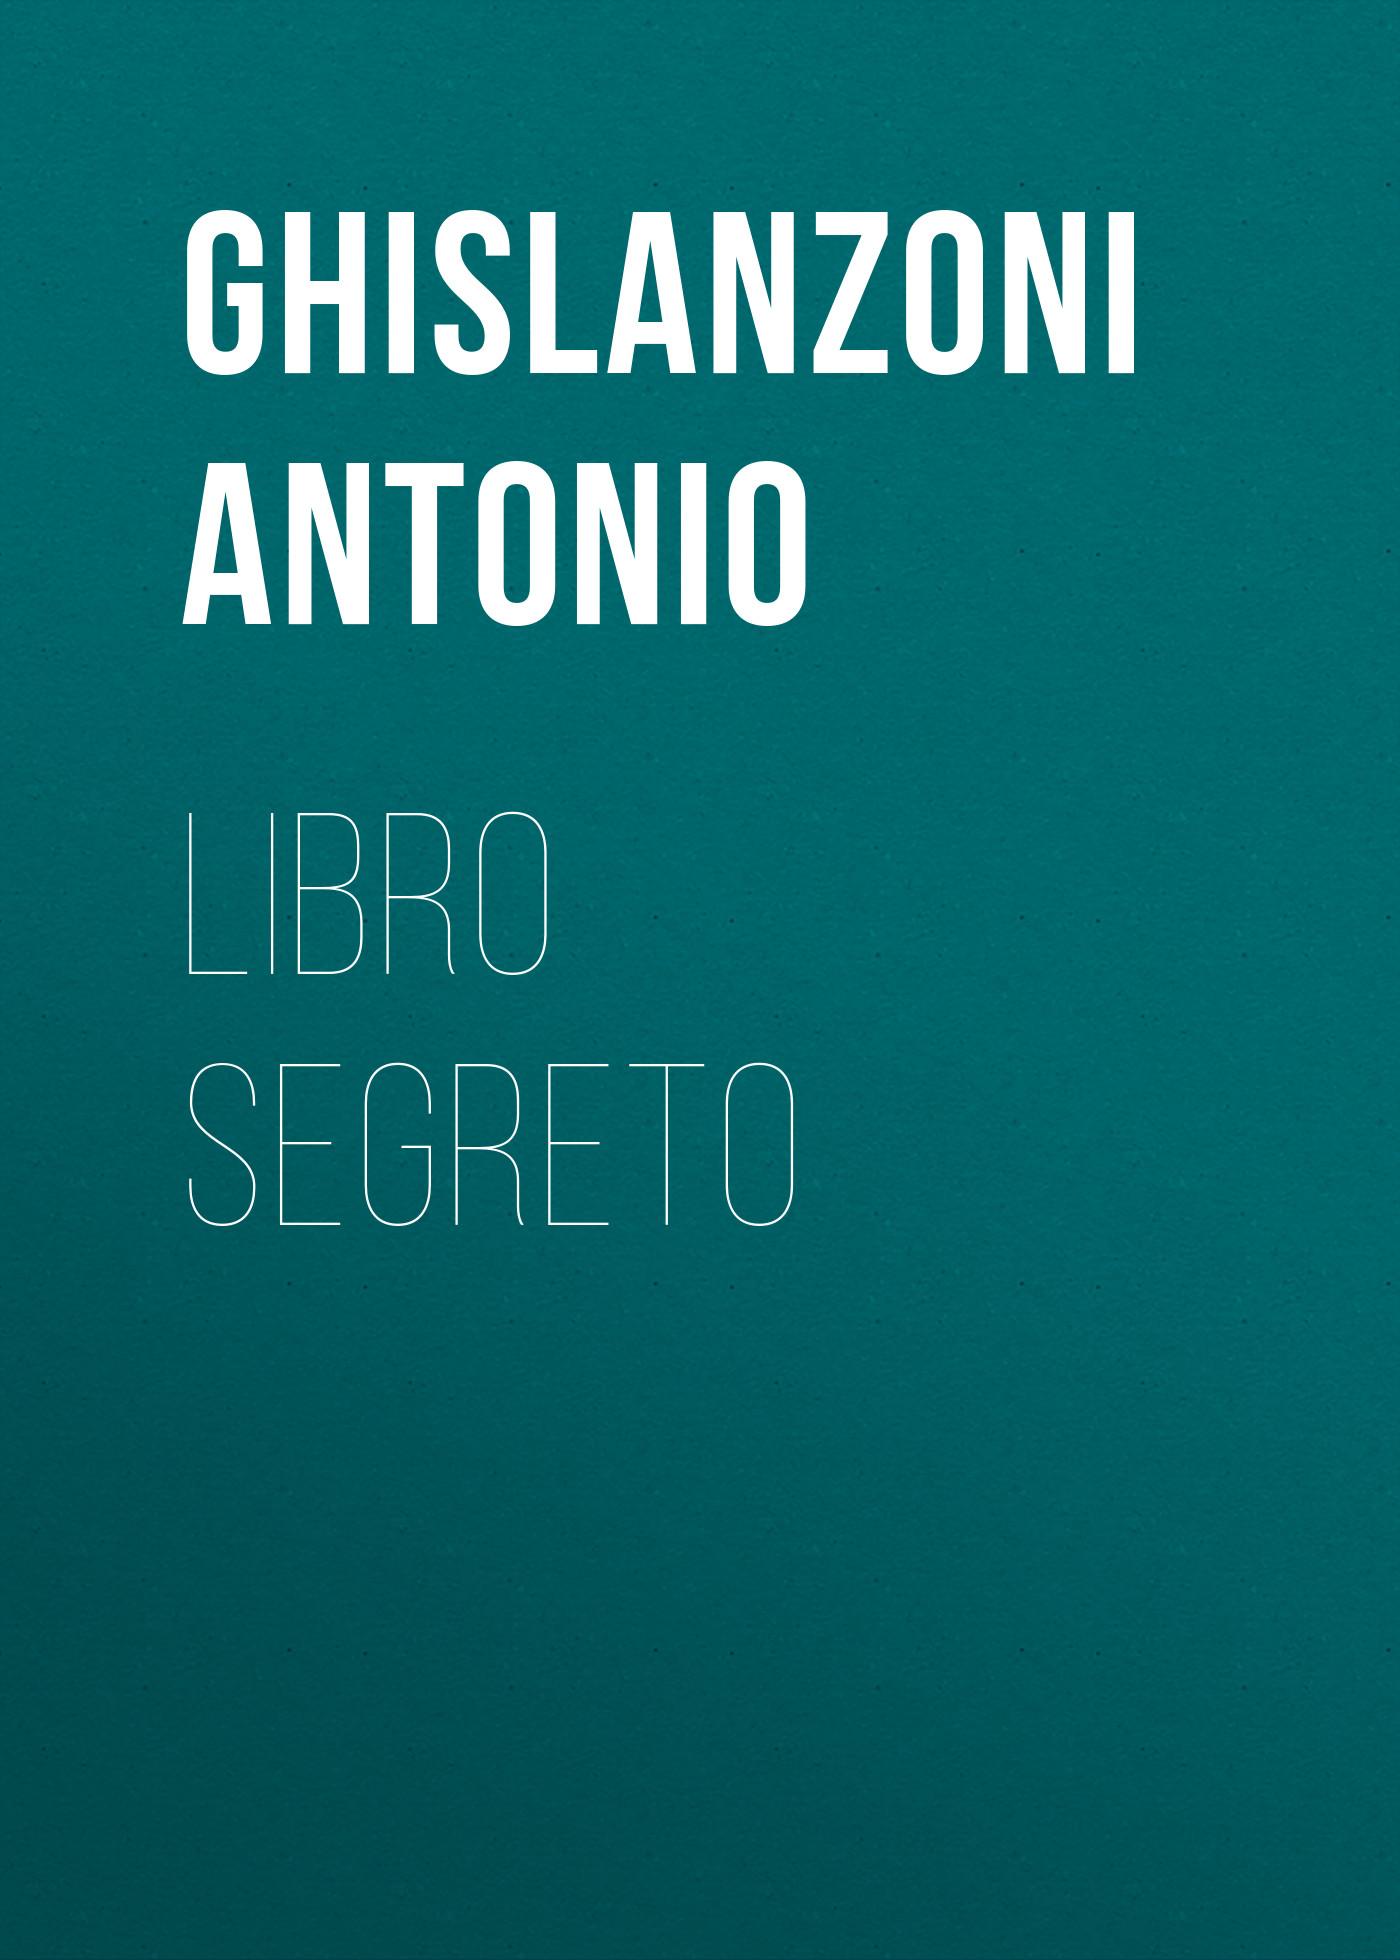 Ghislanzoni Antonio Libro segreto коммутатор d link dgs 3000 26tc управляемый 20 портов 10 100 1000mbps 4 комбо порта 2 слота sfp